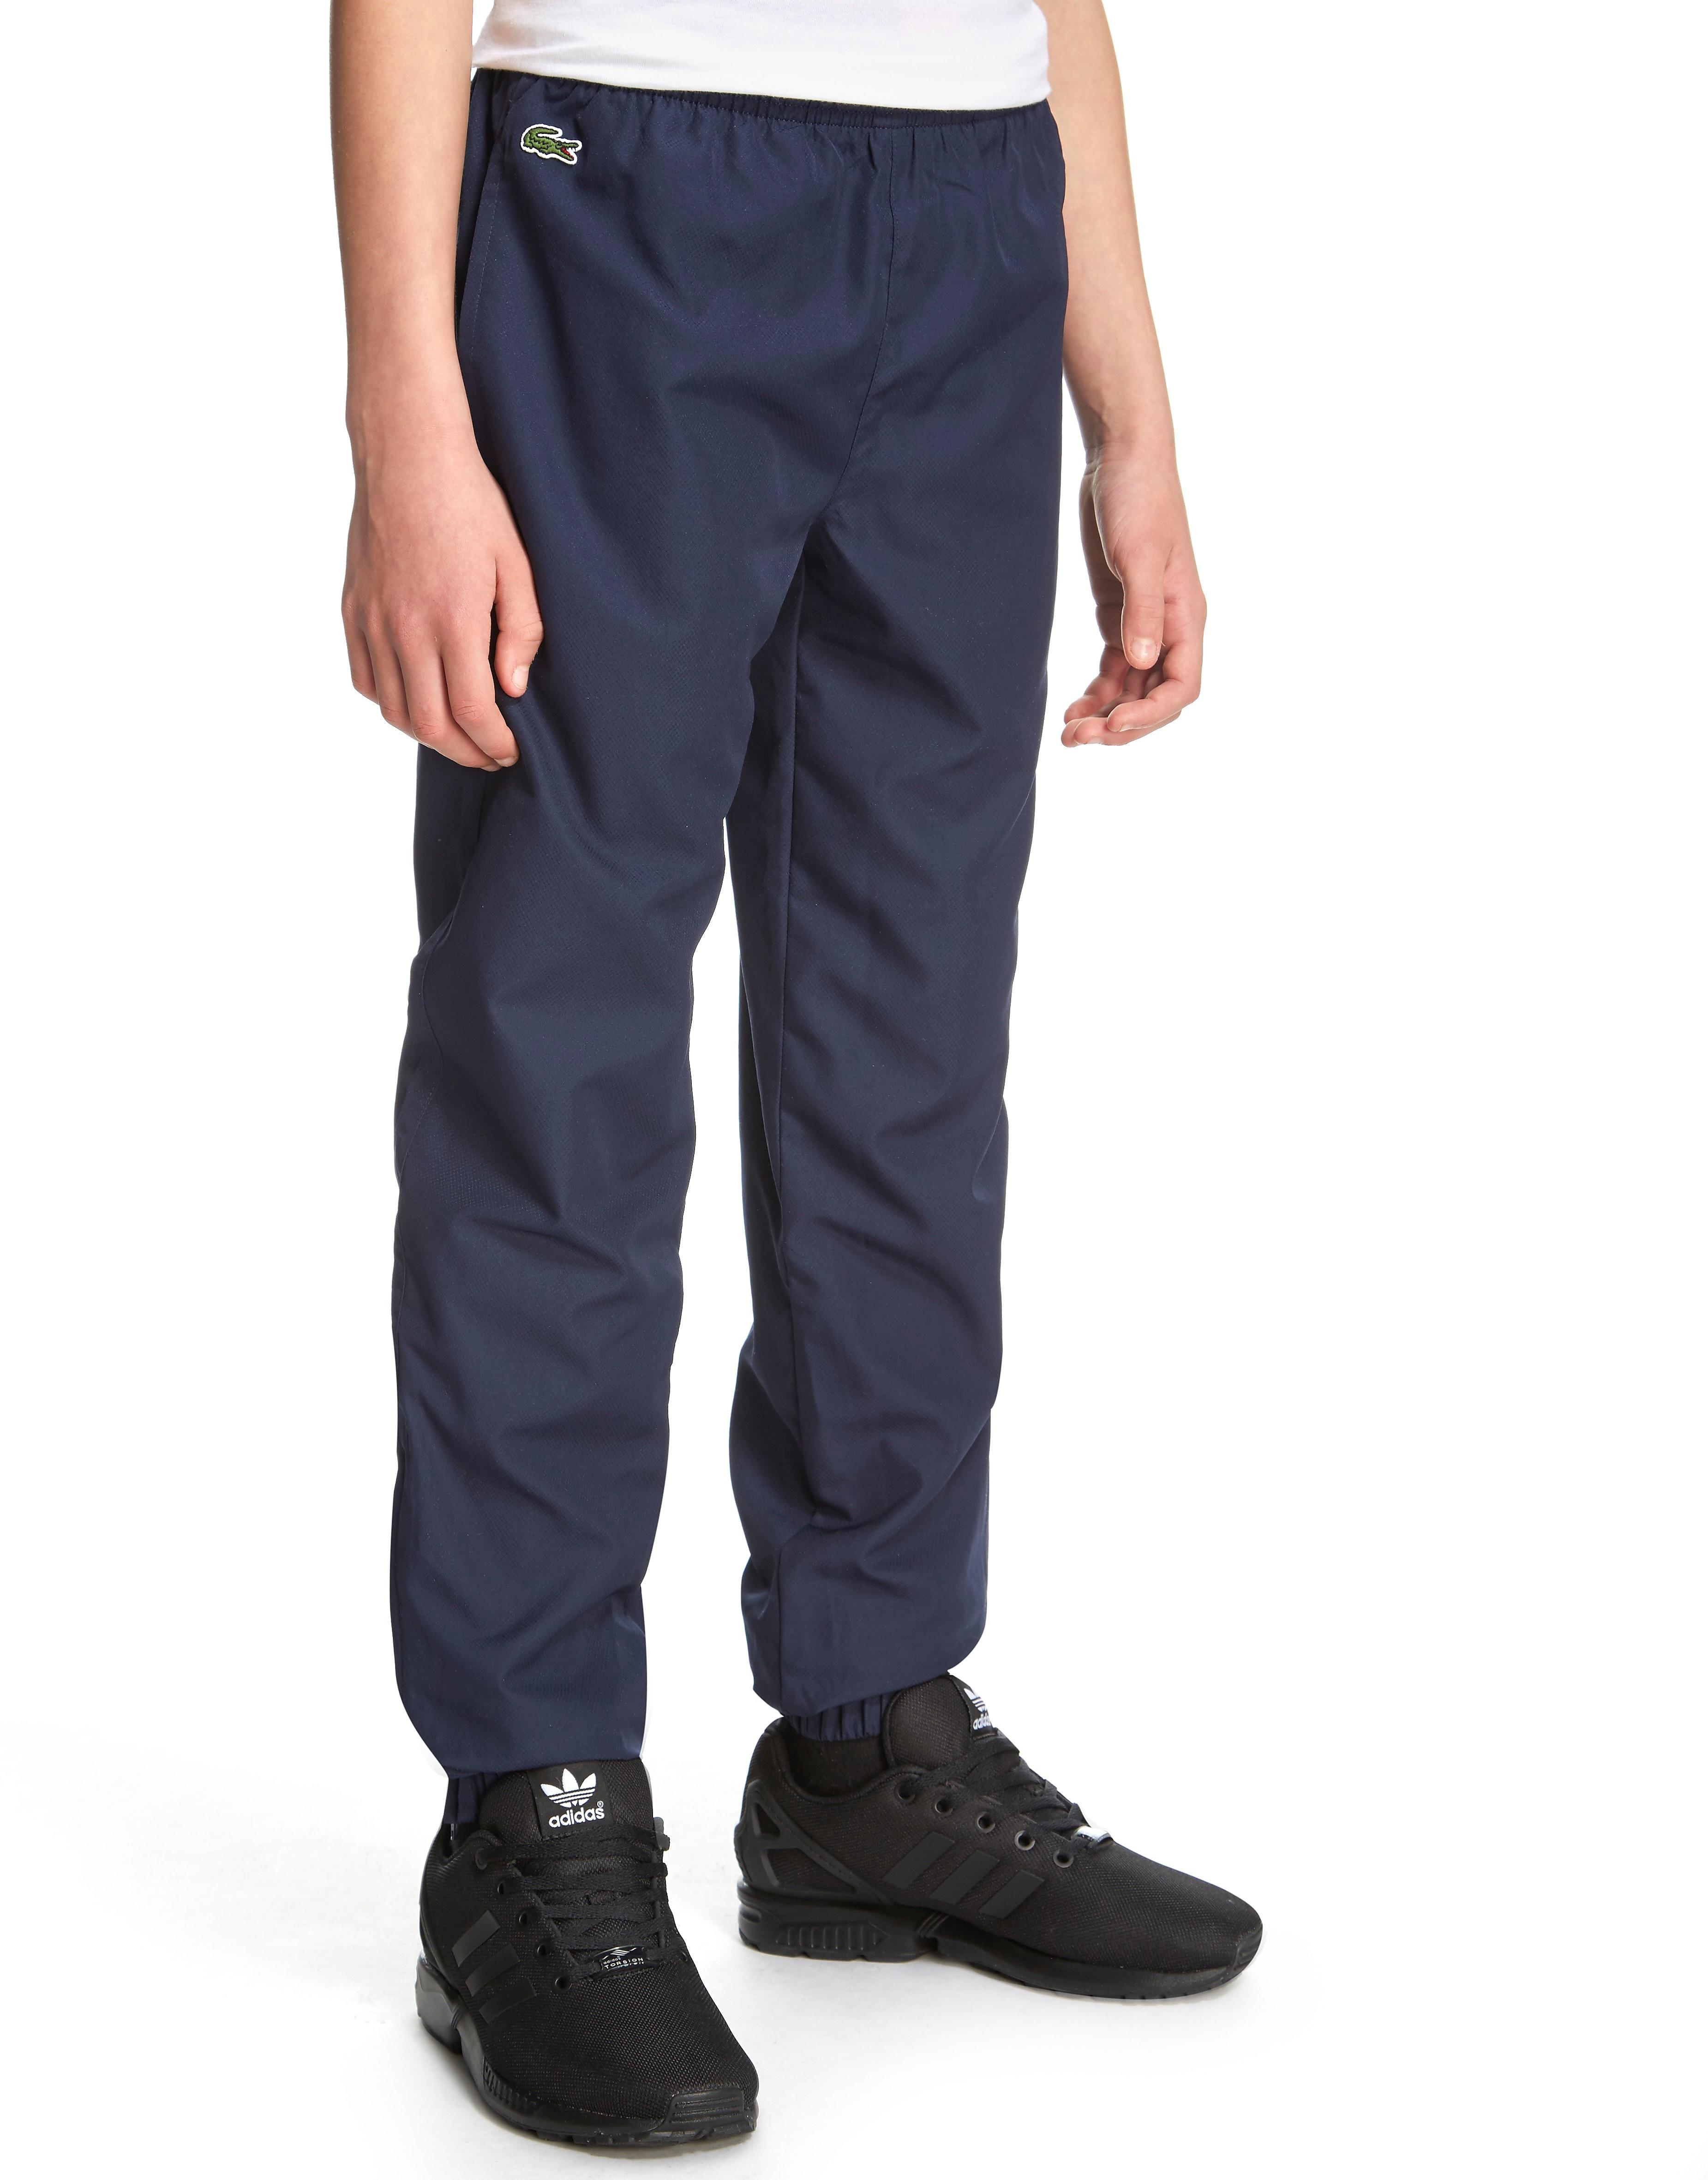 Lacoste Guppy-broek voor tieners - Blauw - Kind